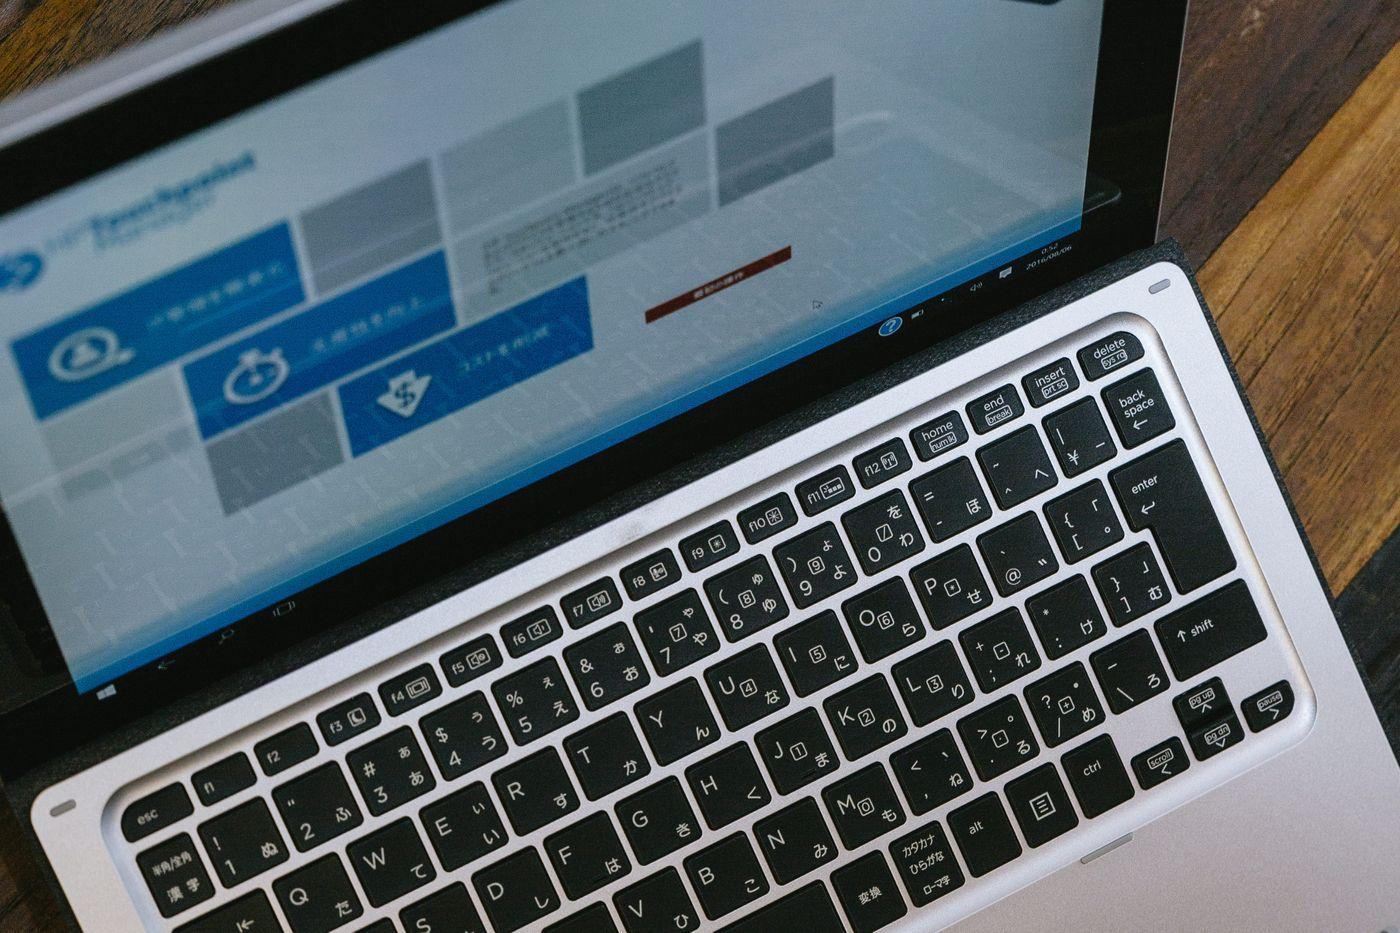 ノートパソコンで作業中の写真